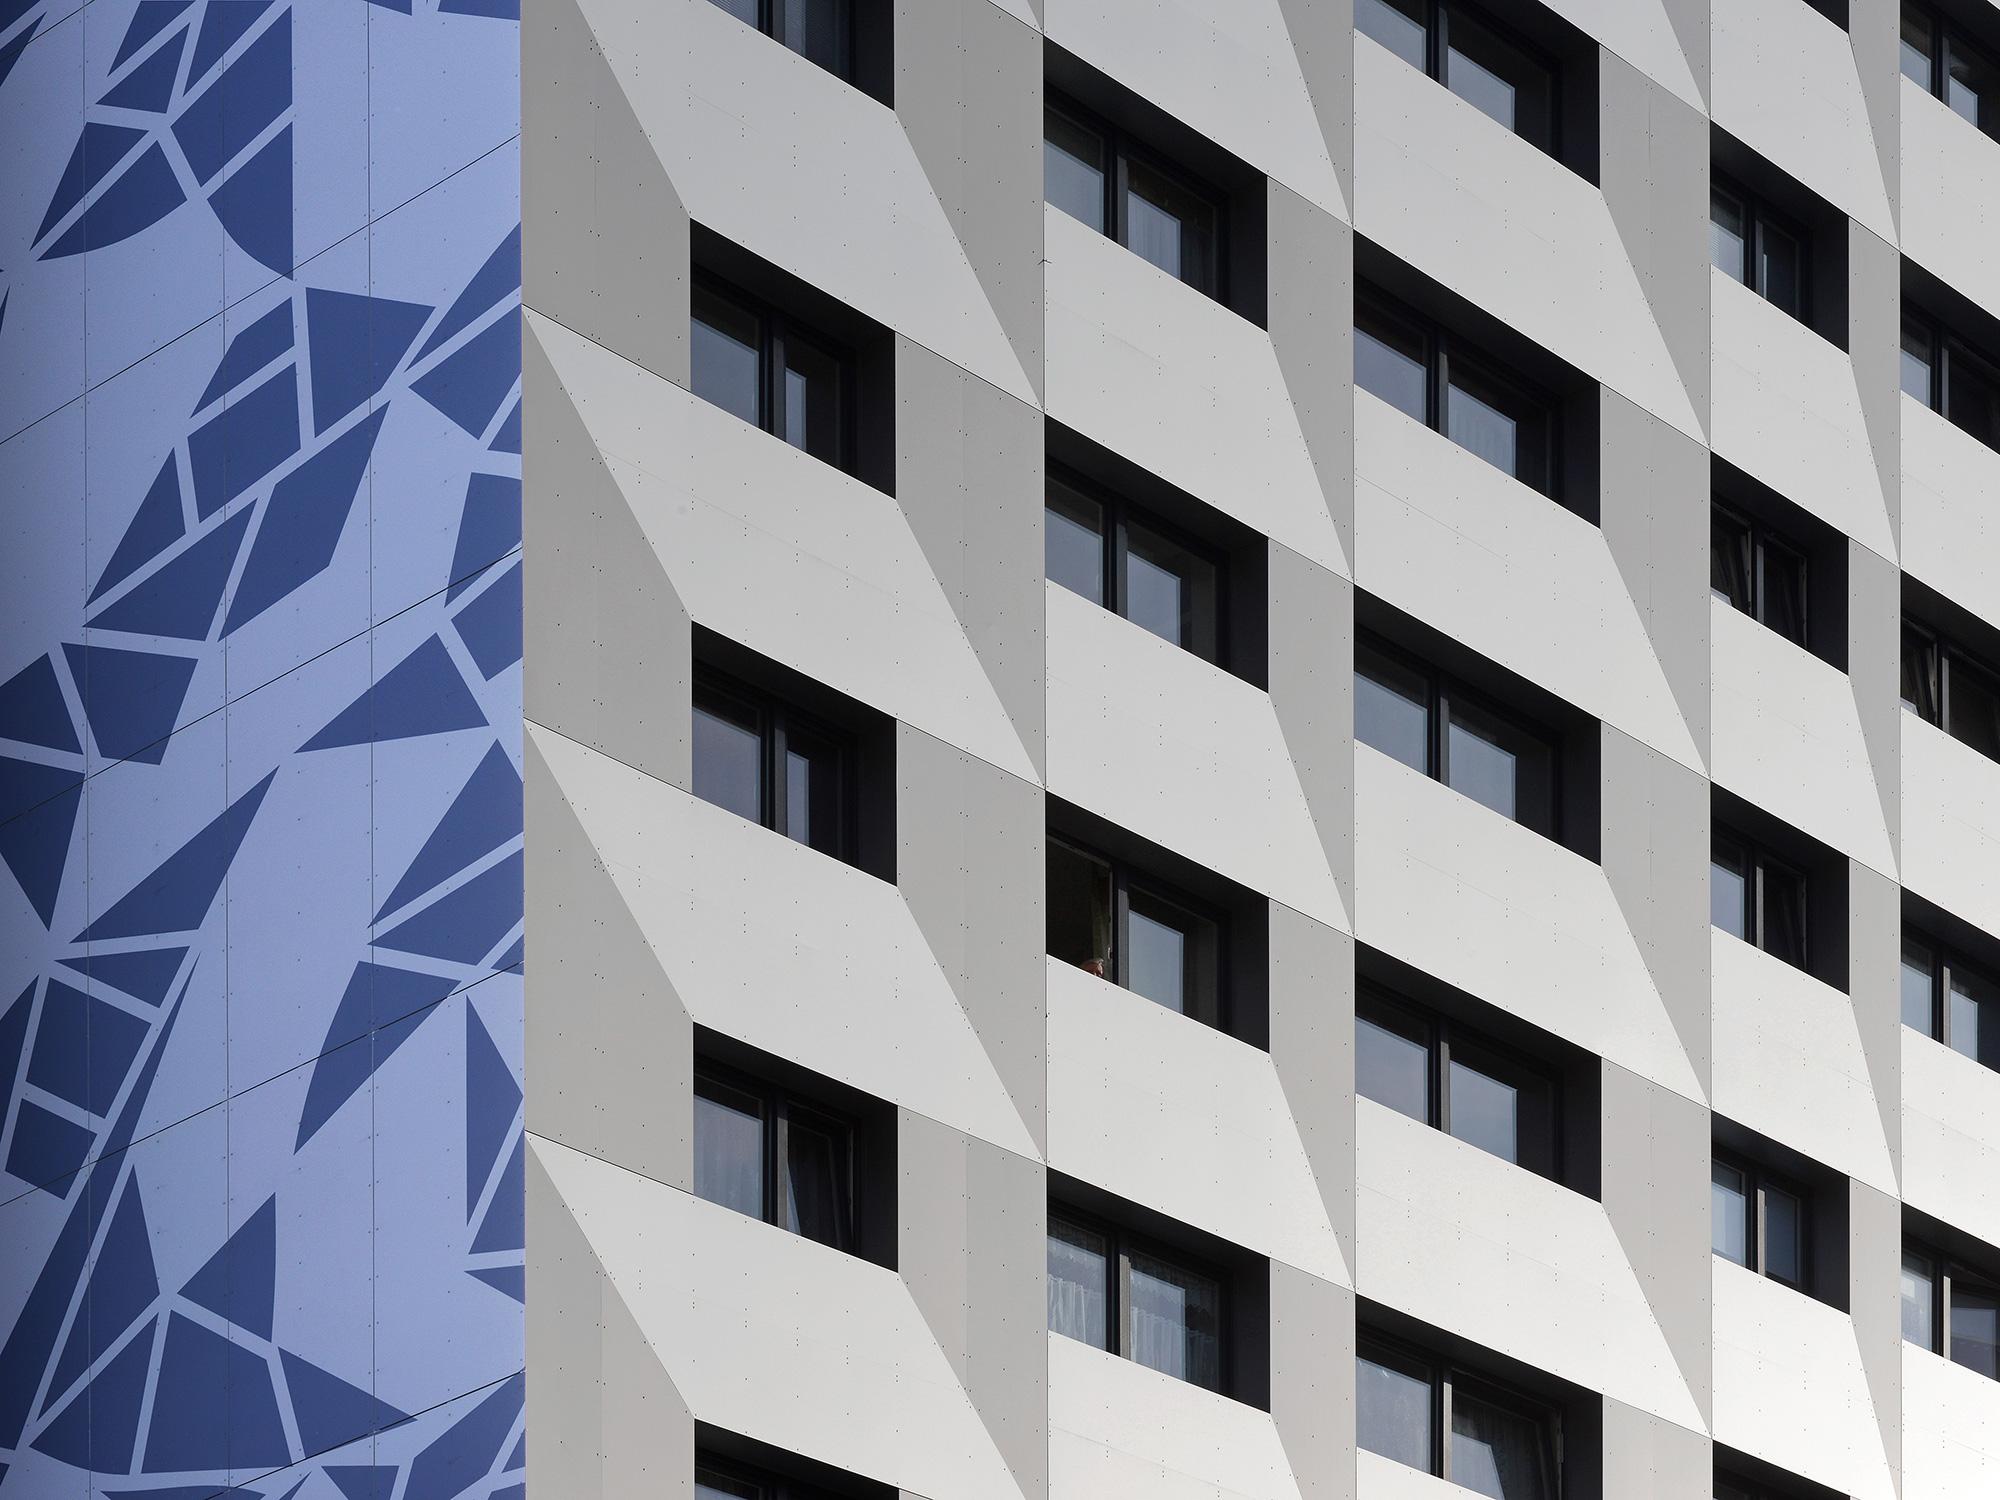 Fassade-Stieglitzweg_hochhaus-architektur-fotografie-berlin-Anna-Dabrowski_minimal